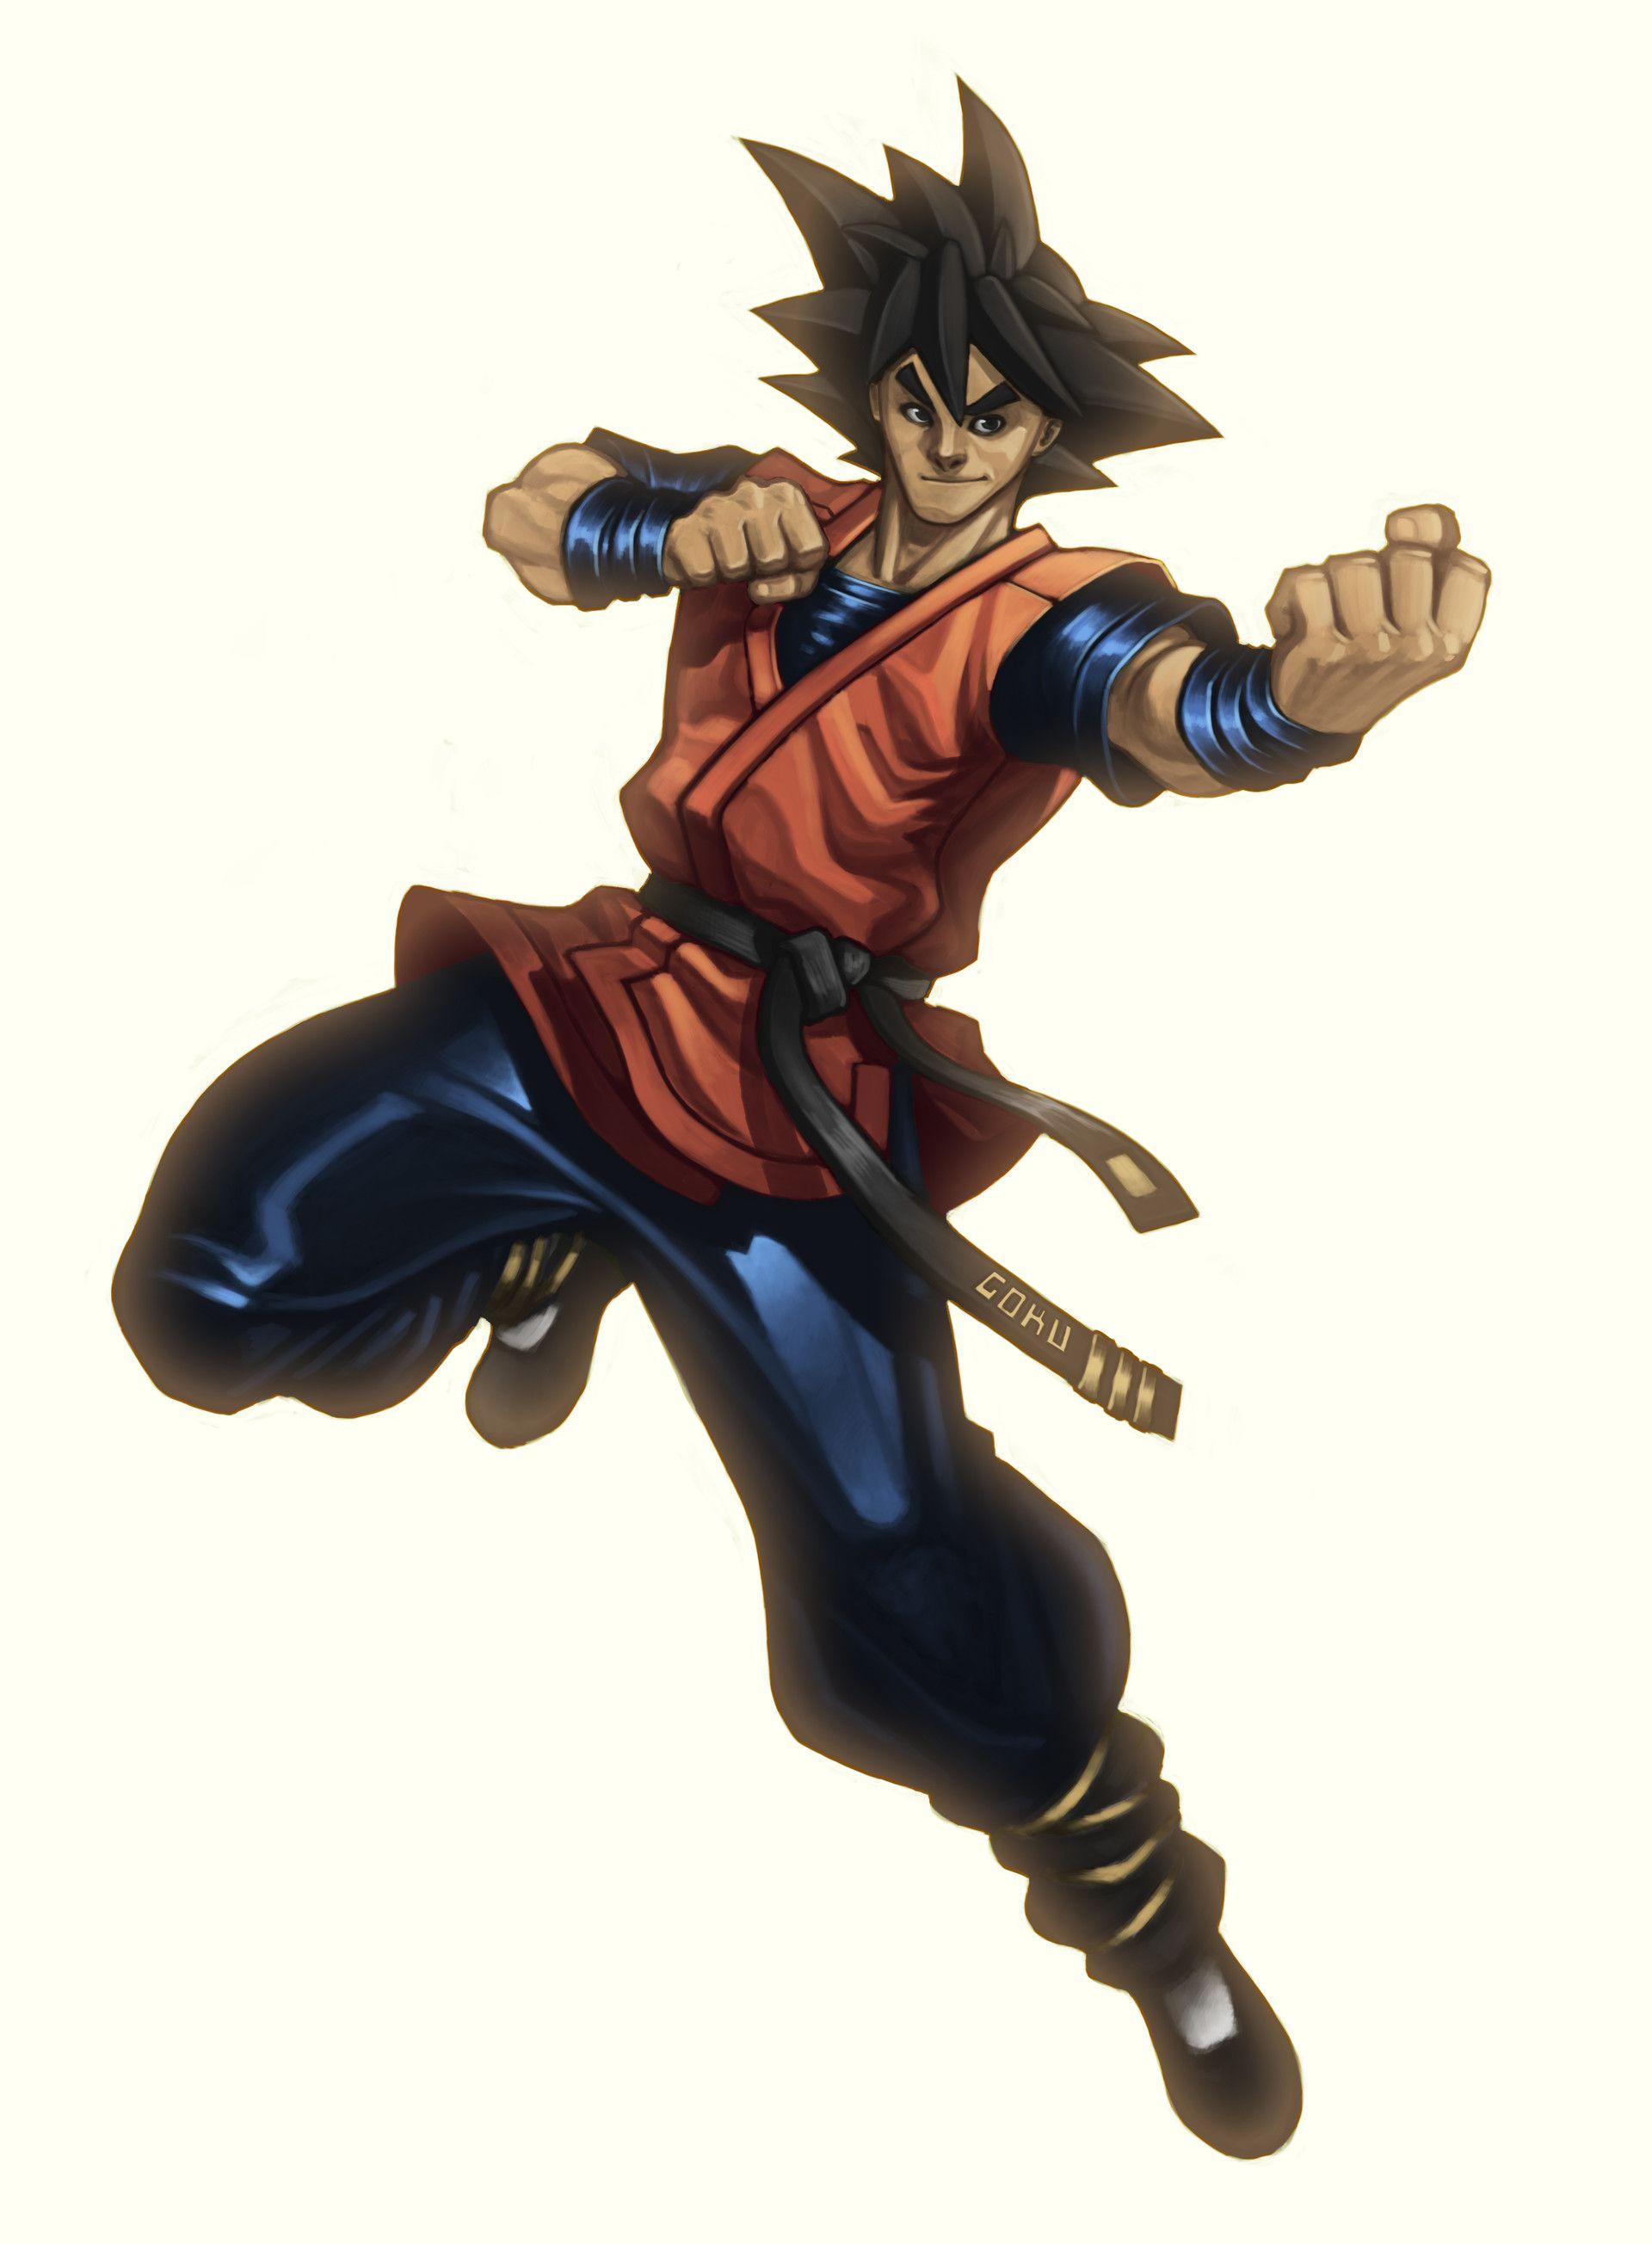 ArtStation - Goku, Anthony Amorose